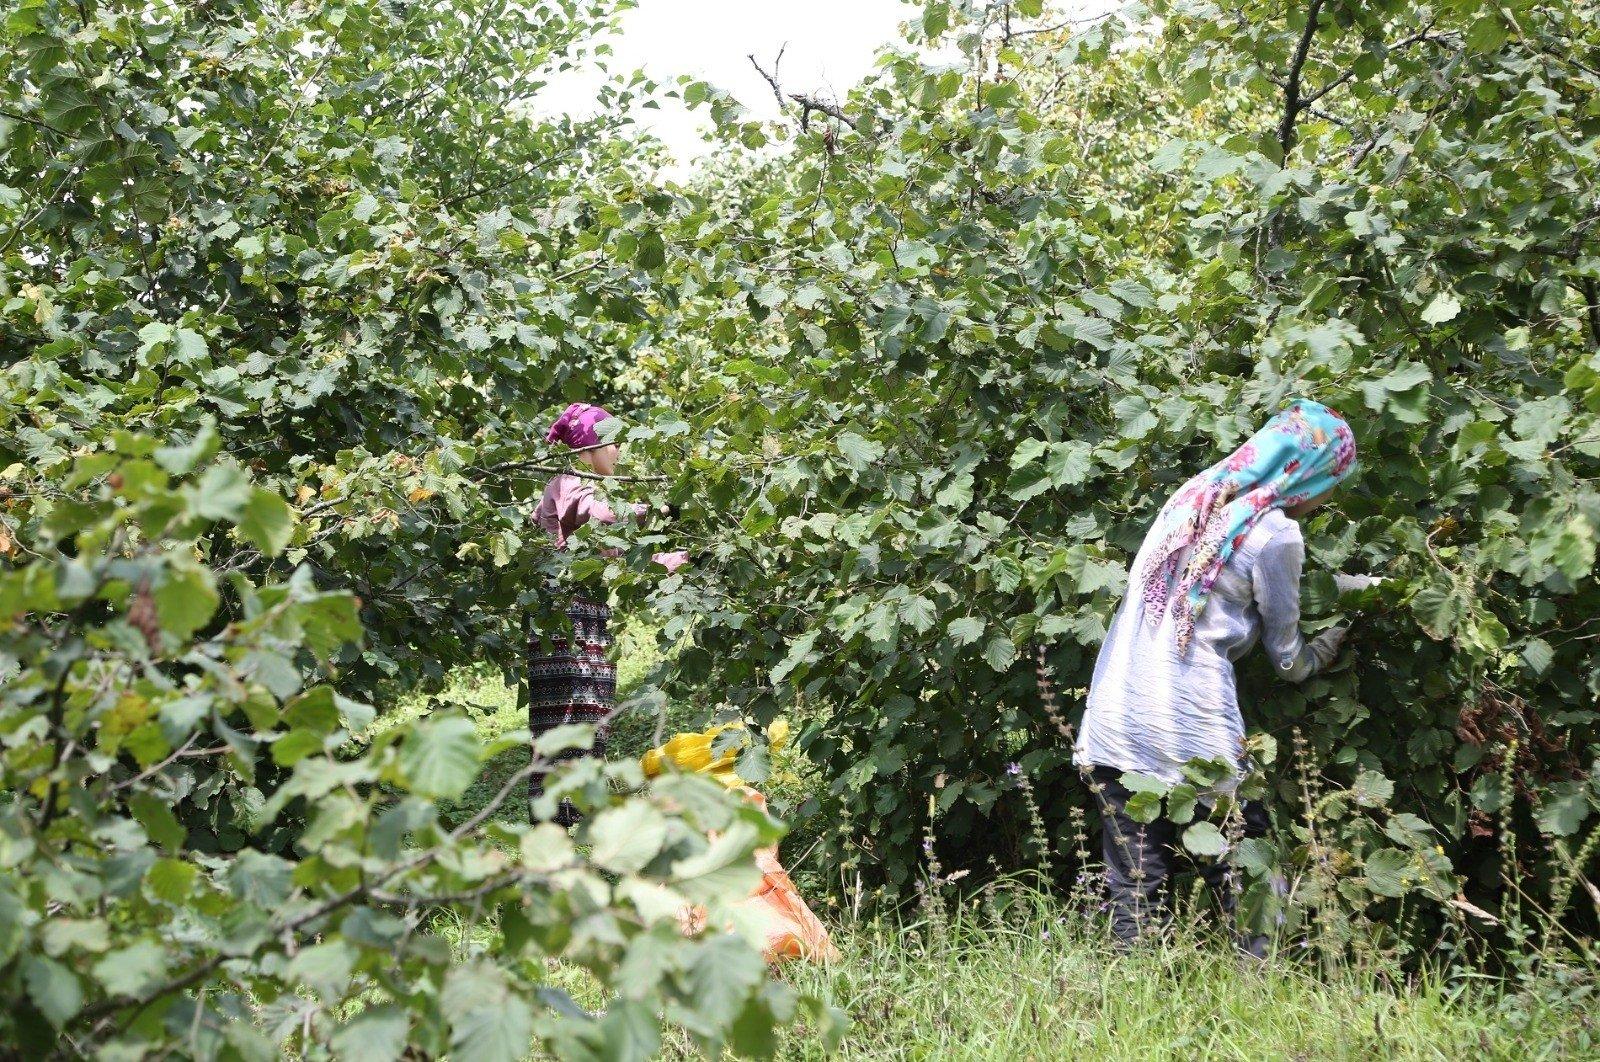 Seasonal workers pick hazelnuts in a field in the Black Sea province of Ordu, Turkey, Aug. 9, 2020. (IHA Photo)